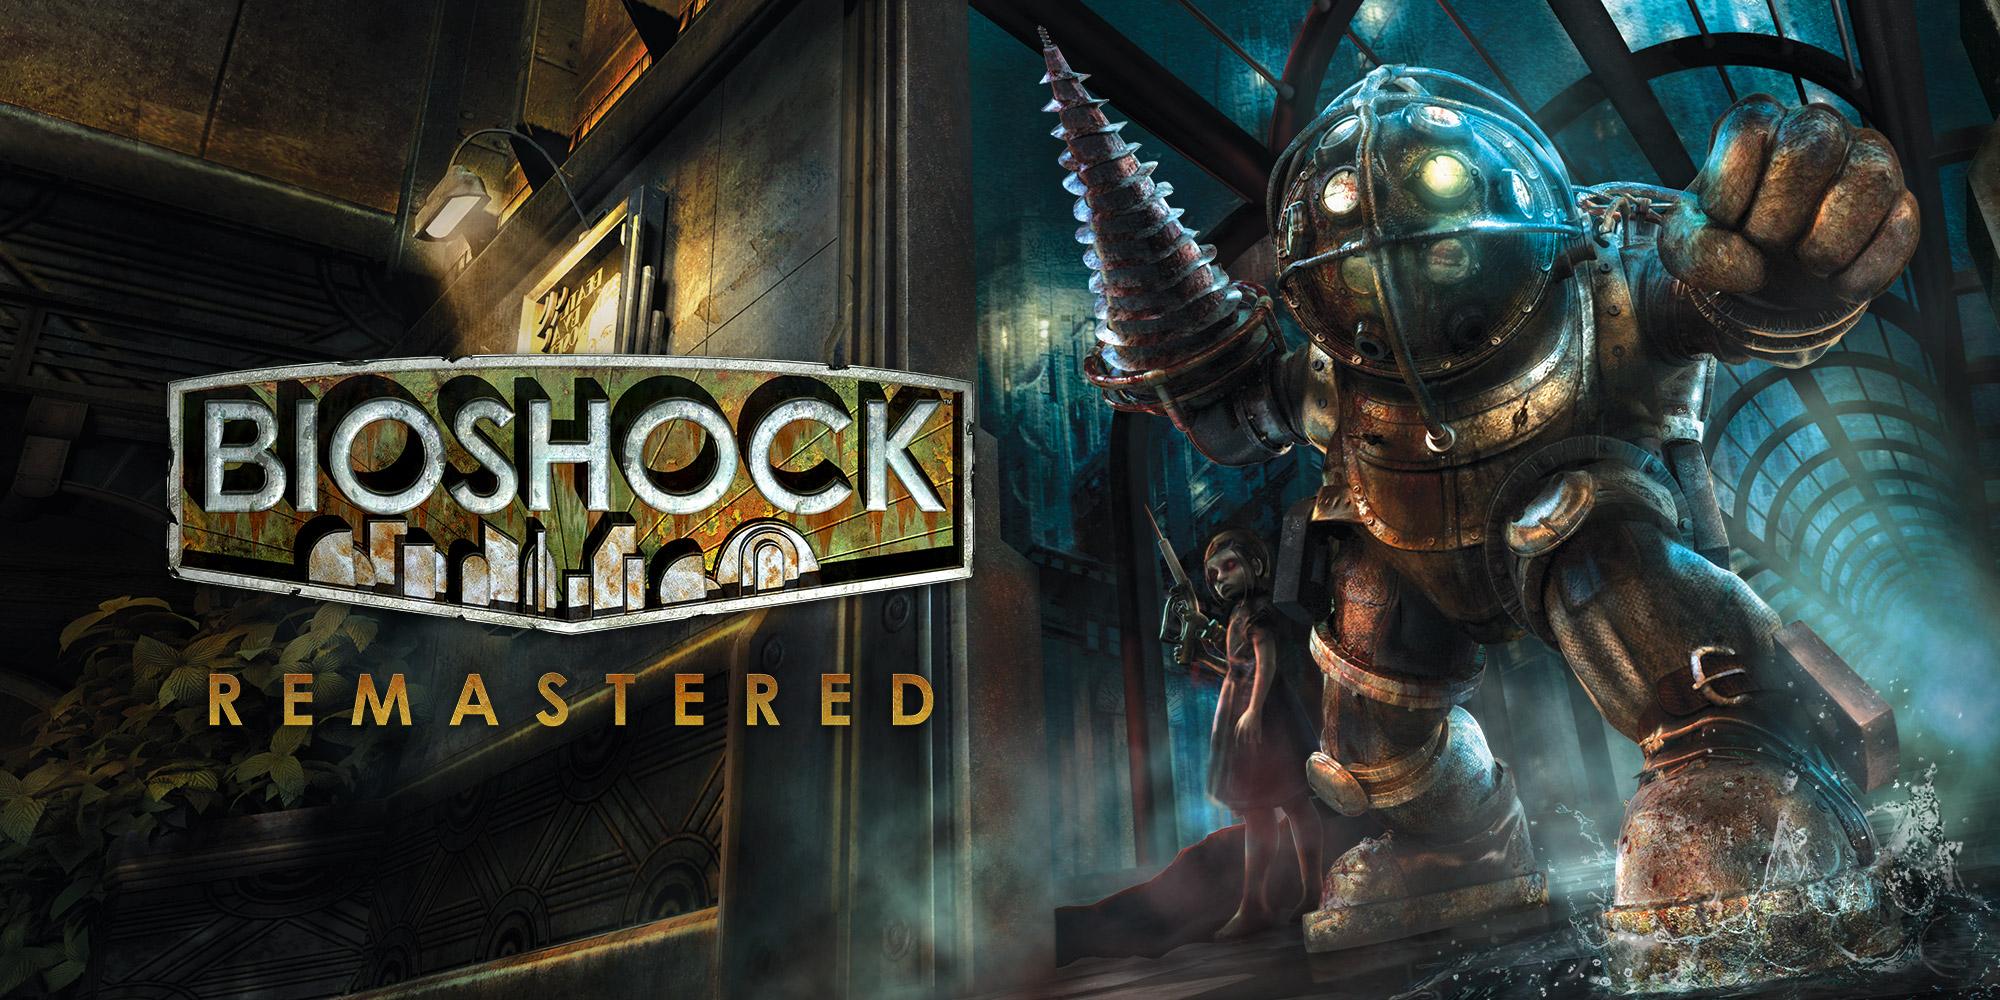 BioshockRemastered